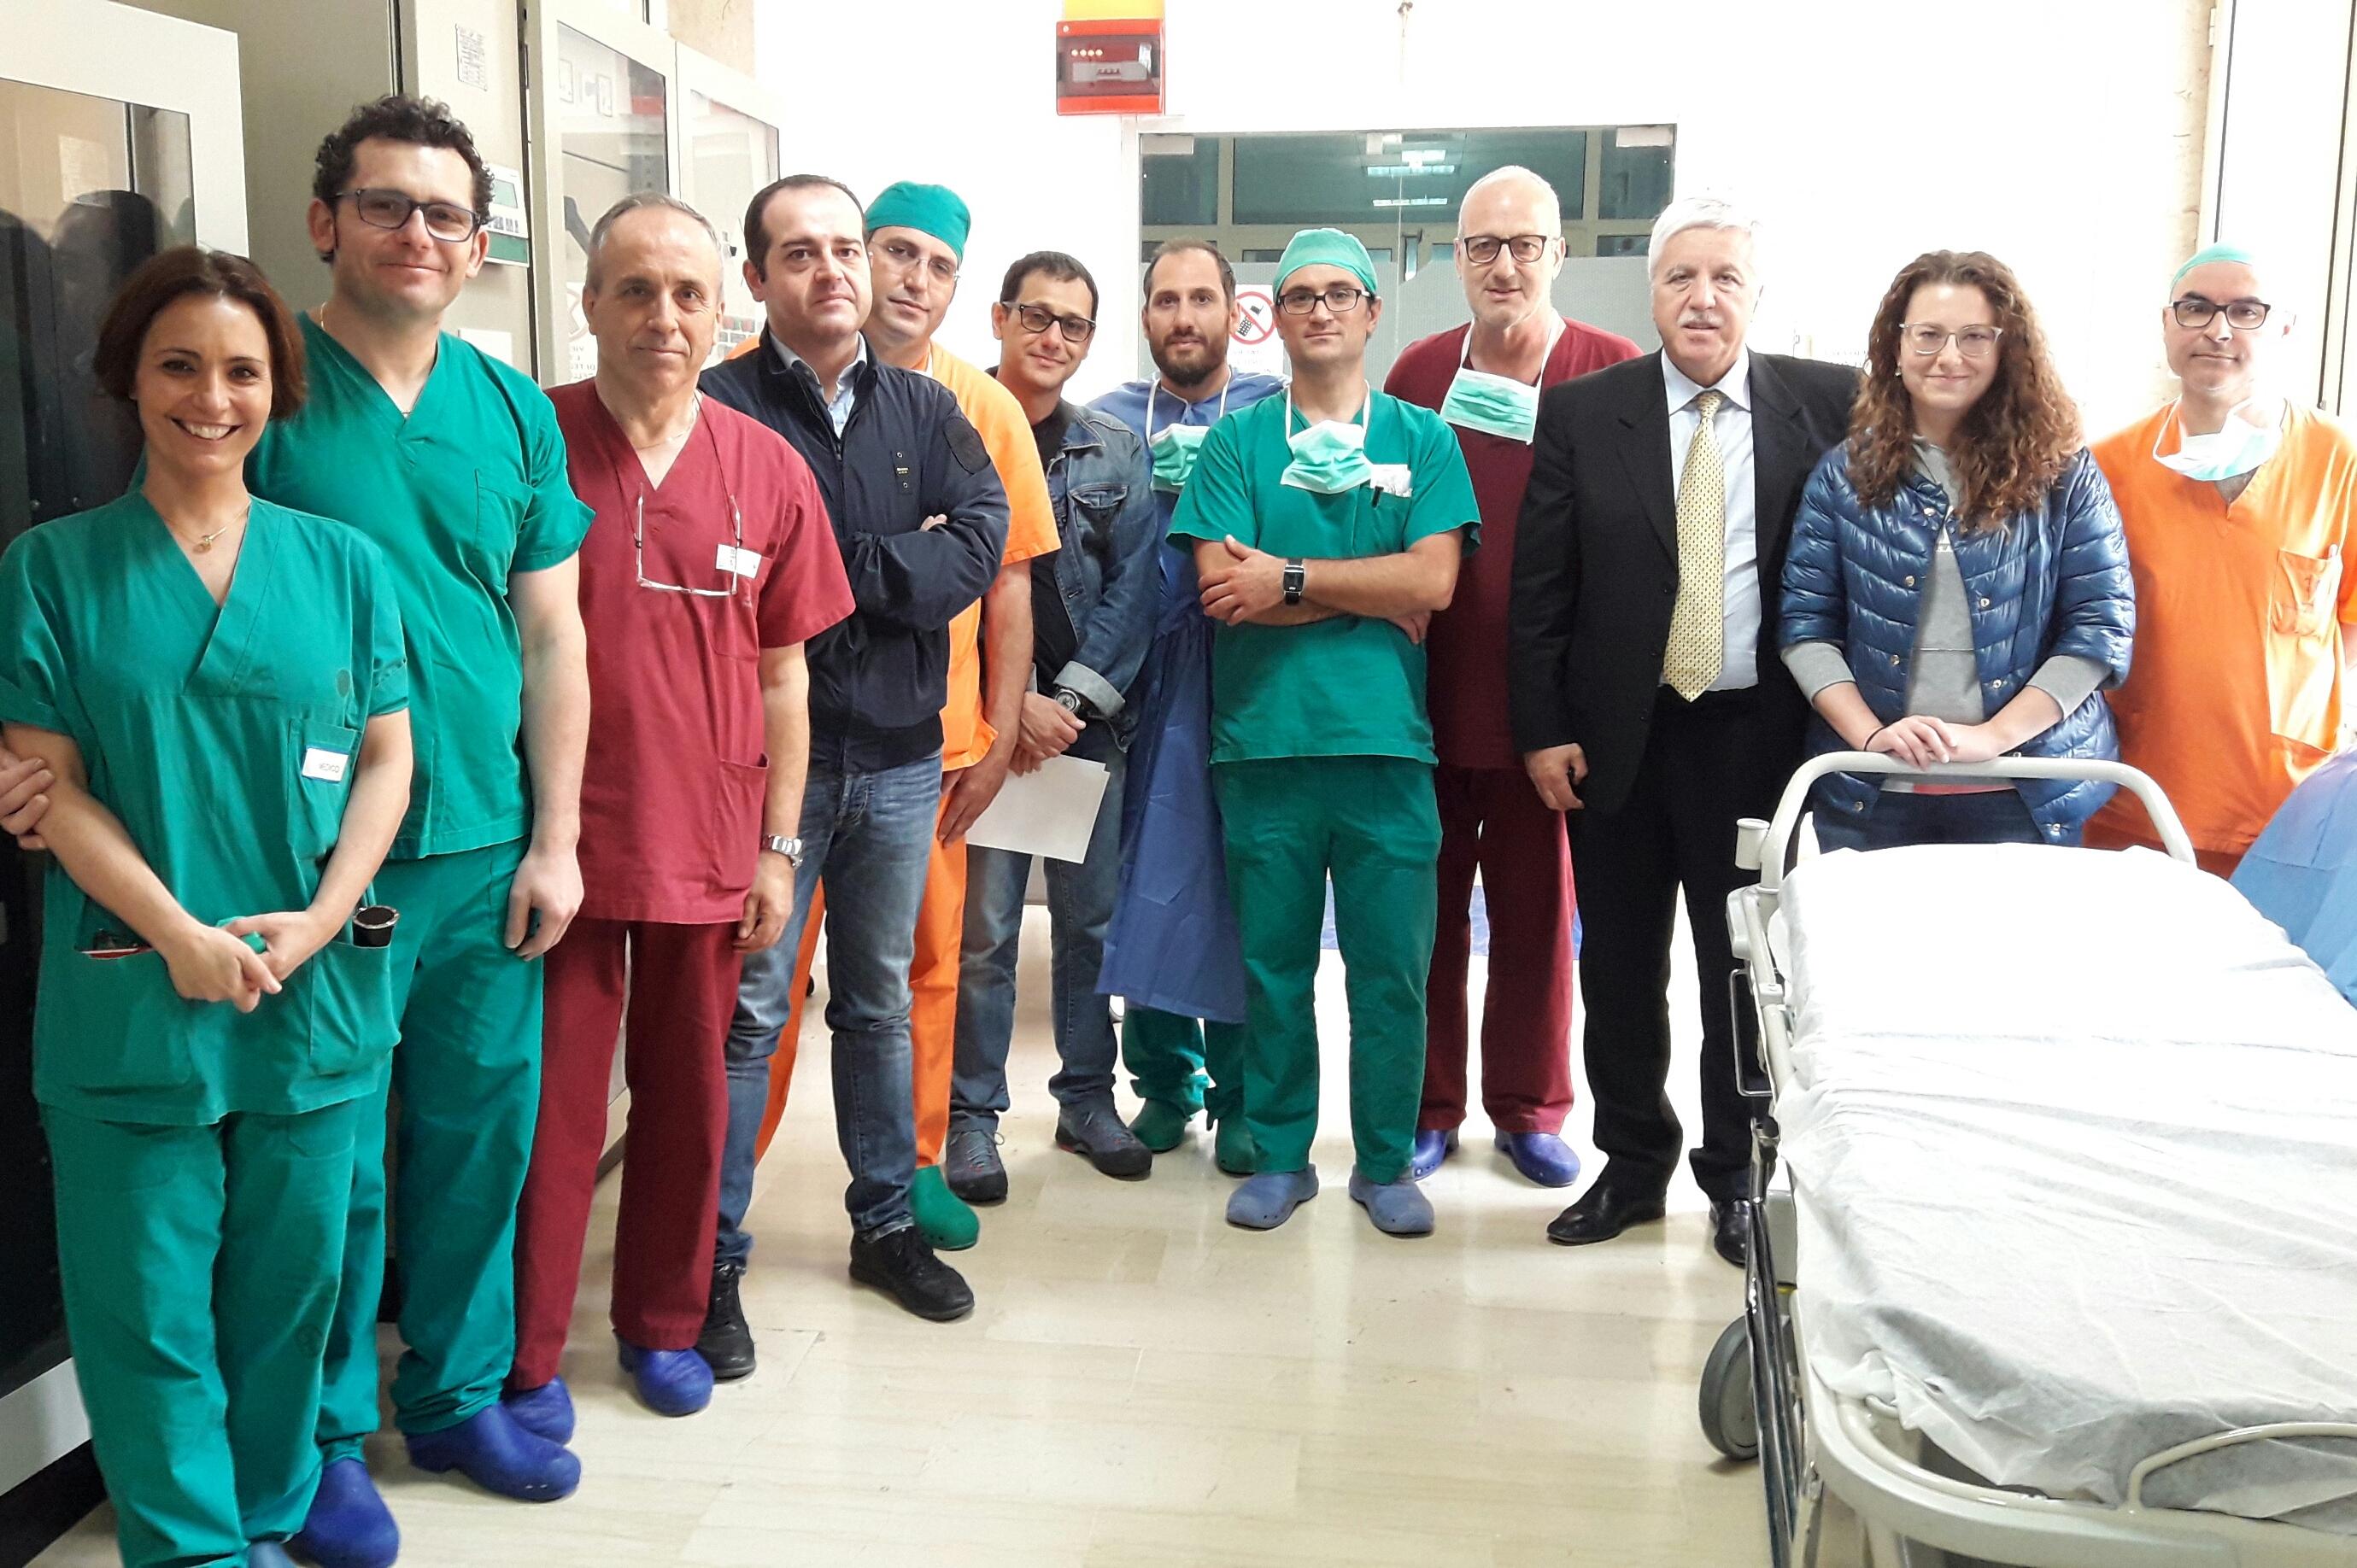 [ASP] Trapani. Tornano i prelievi di organi per trapianti al S. Antonio Abate